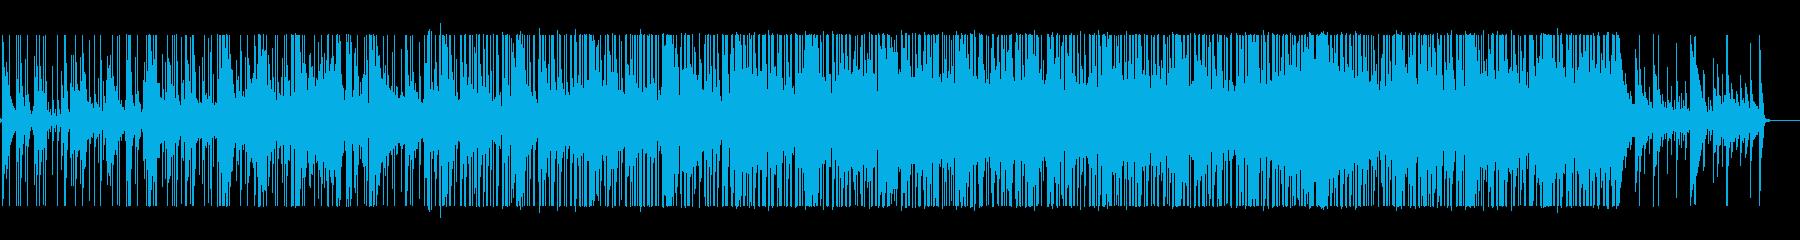 哀愁ある循環コードの曲の再生済みの波形